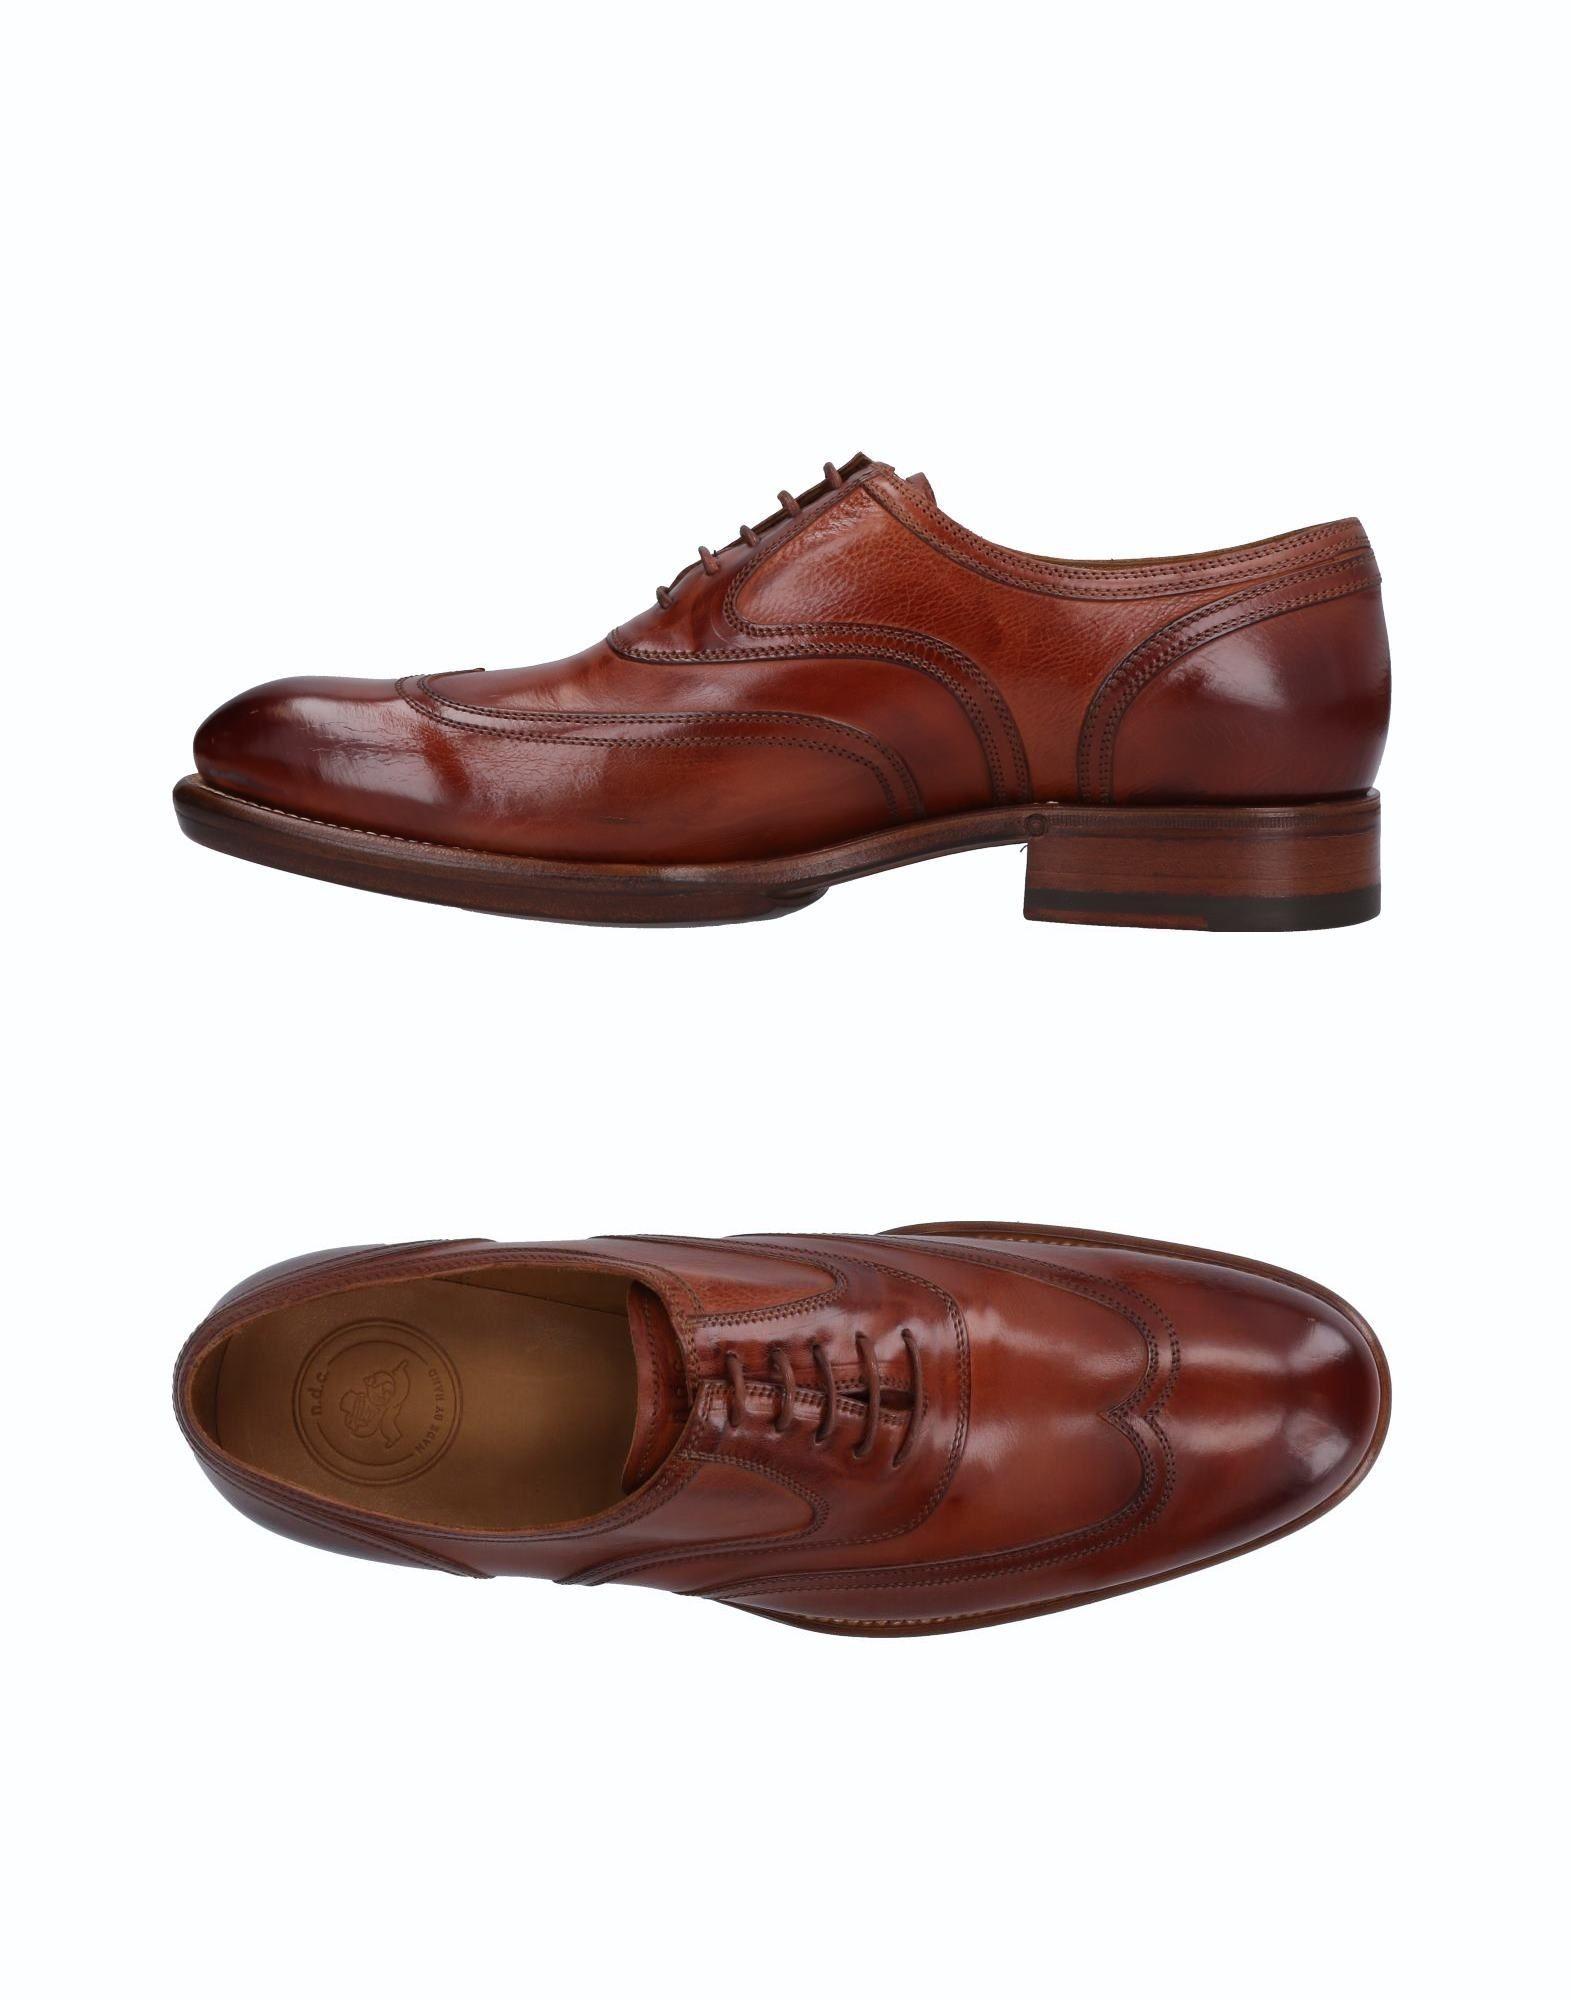 N.D.C. Made By Hand Schnürschuhe Herren  11514150BV Gute Qualität beliebte Schuhe